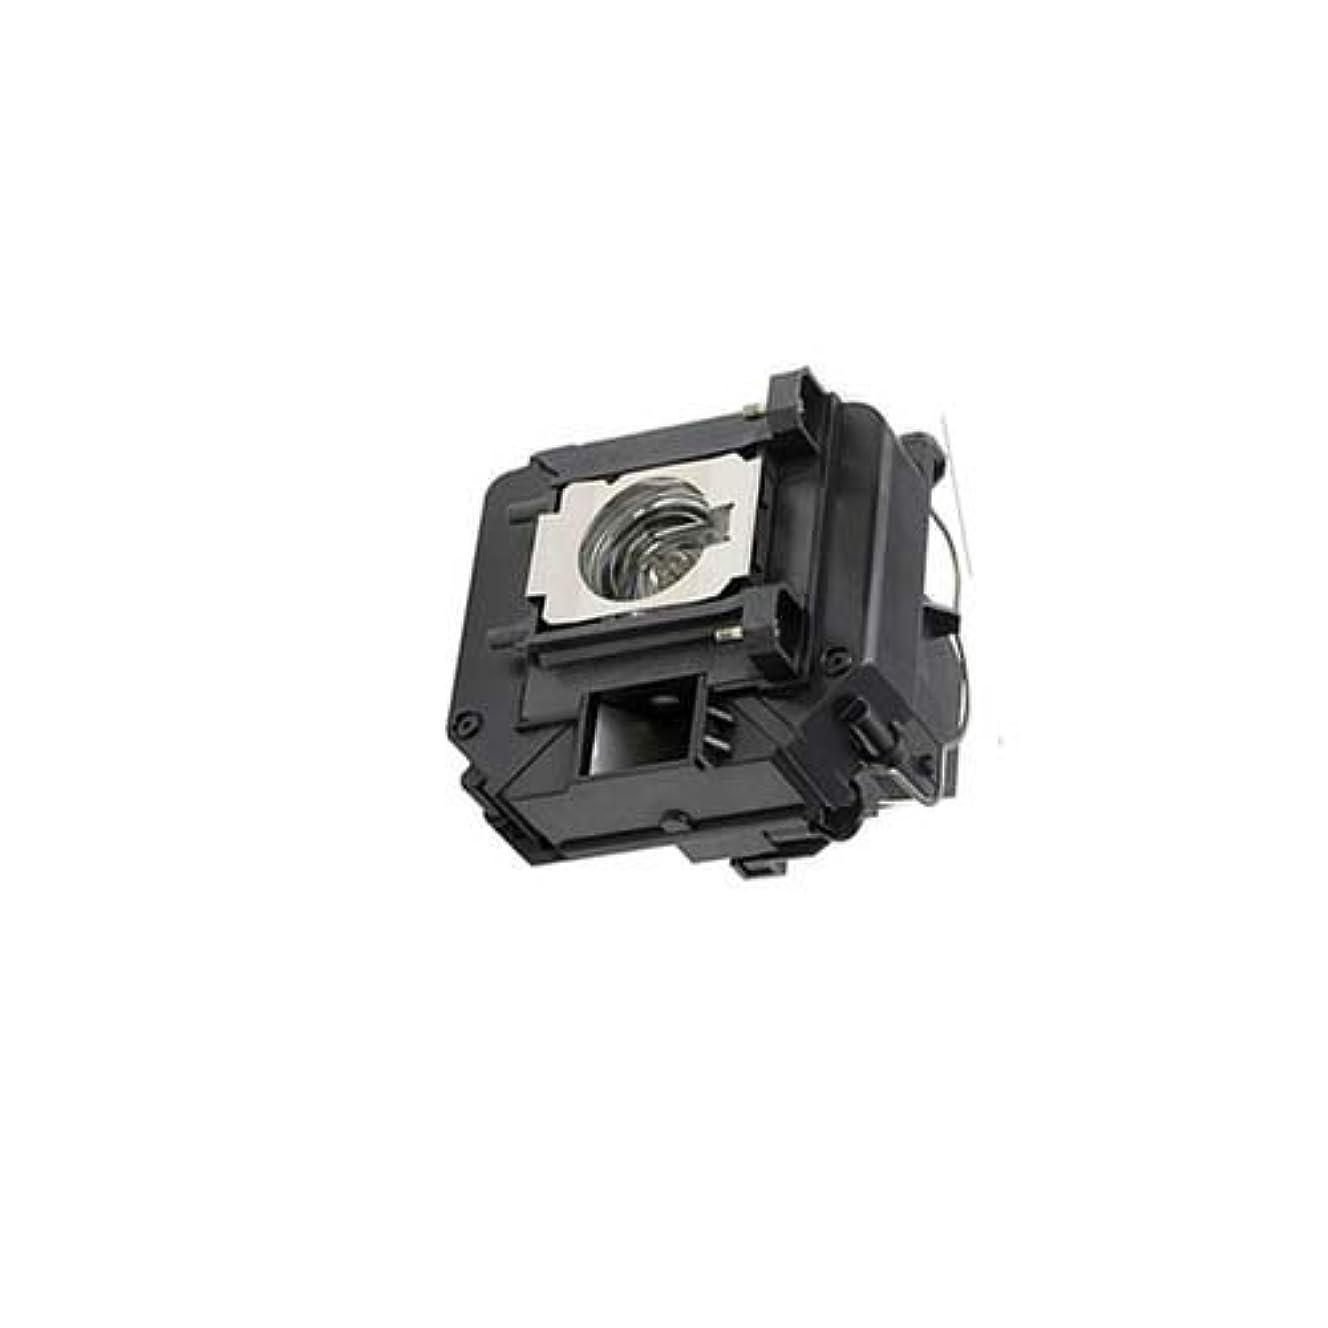 衣類漏れ読みやすさDLP Projector Lamp Bulb Module Replacement For Optoma EP730 EP735 Projecion [並行輸入品]